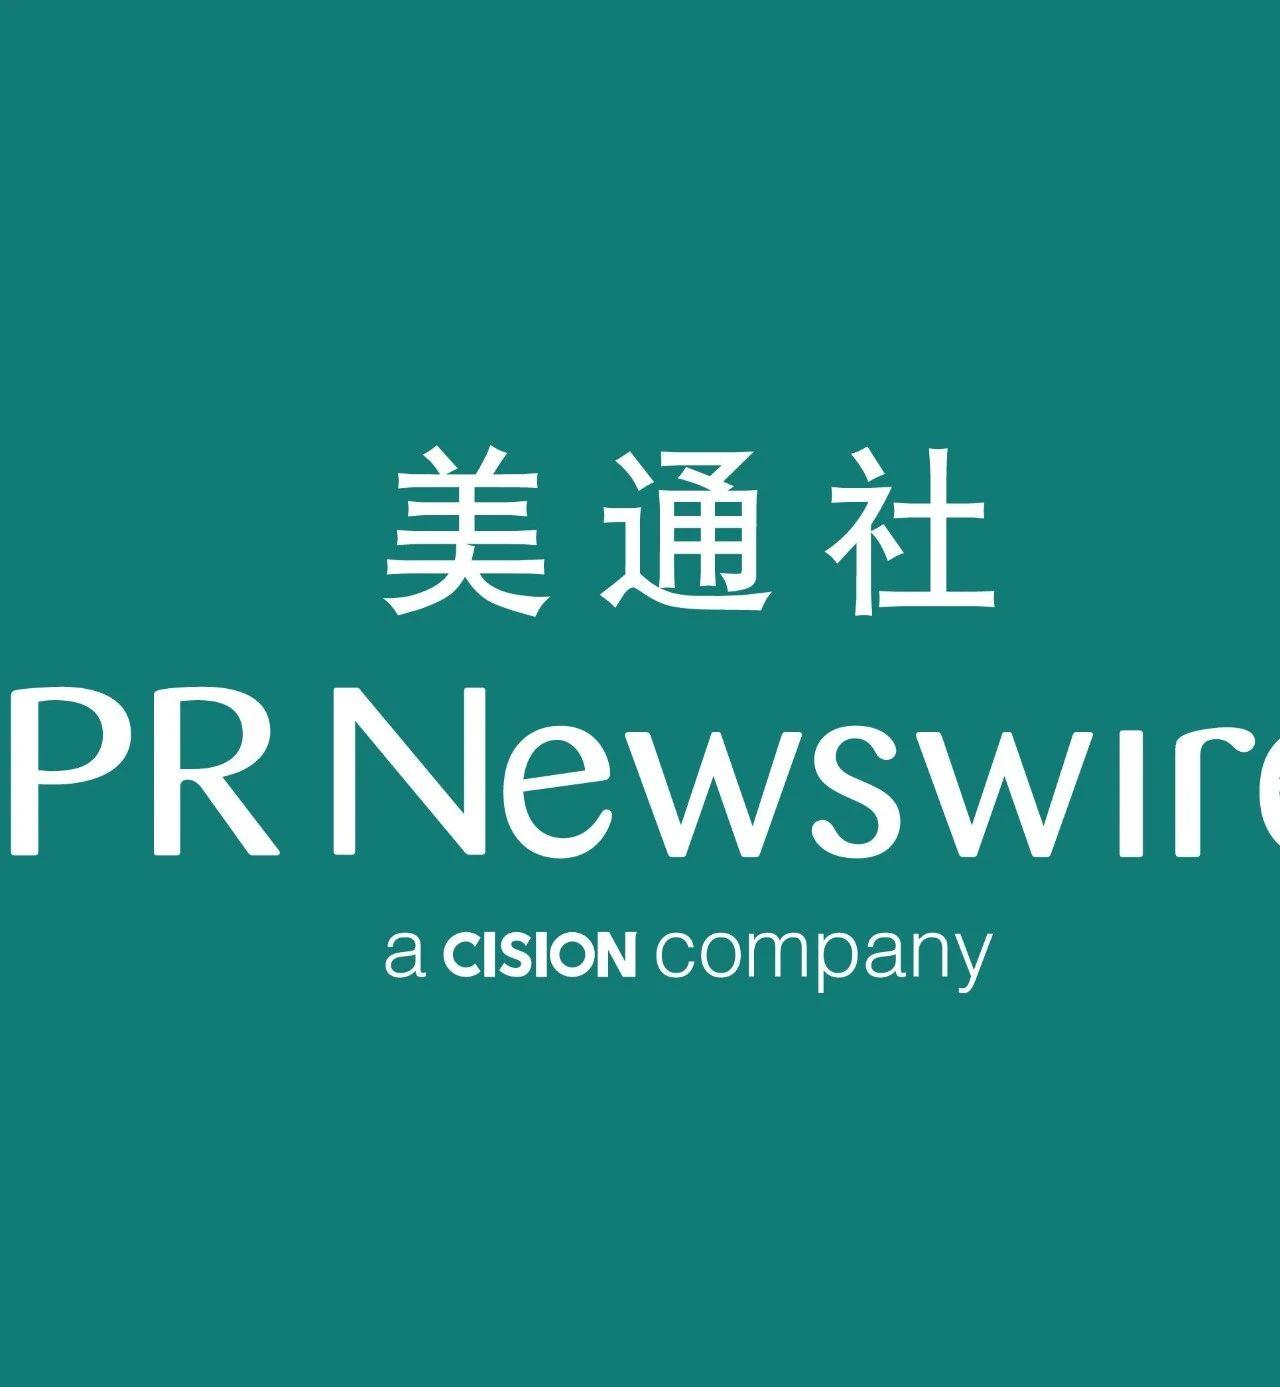 重庆来福士洲际酒店开业;强生单剂量新冠候选疫苗具有强大防护作用 | 美通企业日报